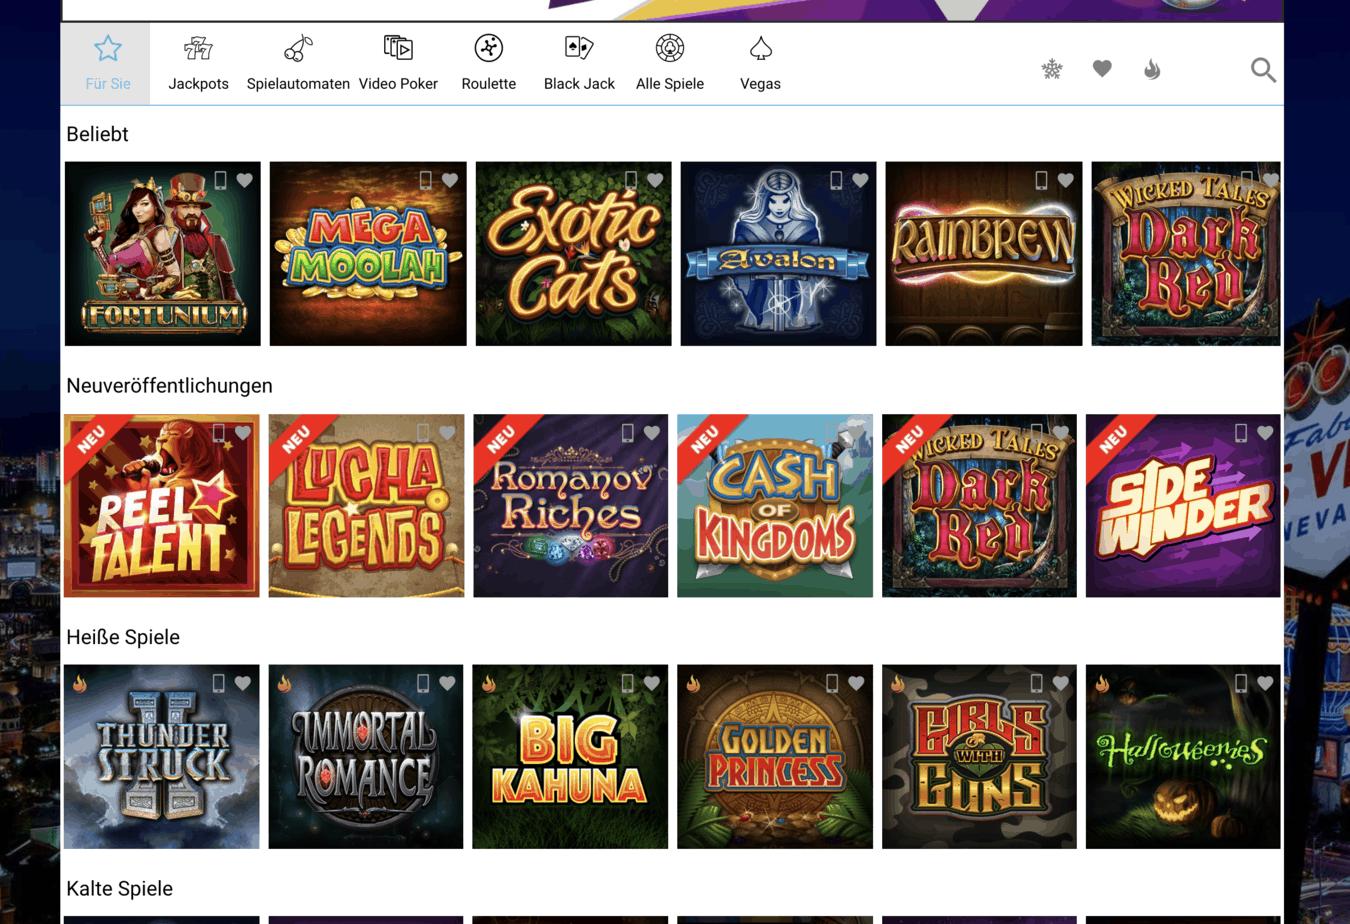 All Slots Casino Game Lobby Screenshot